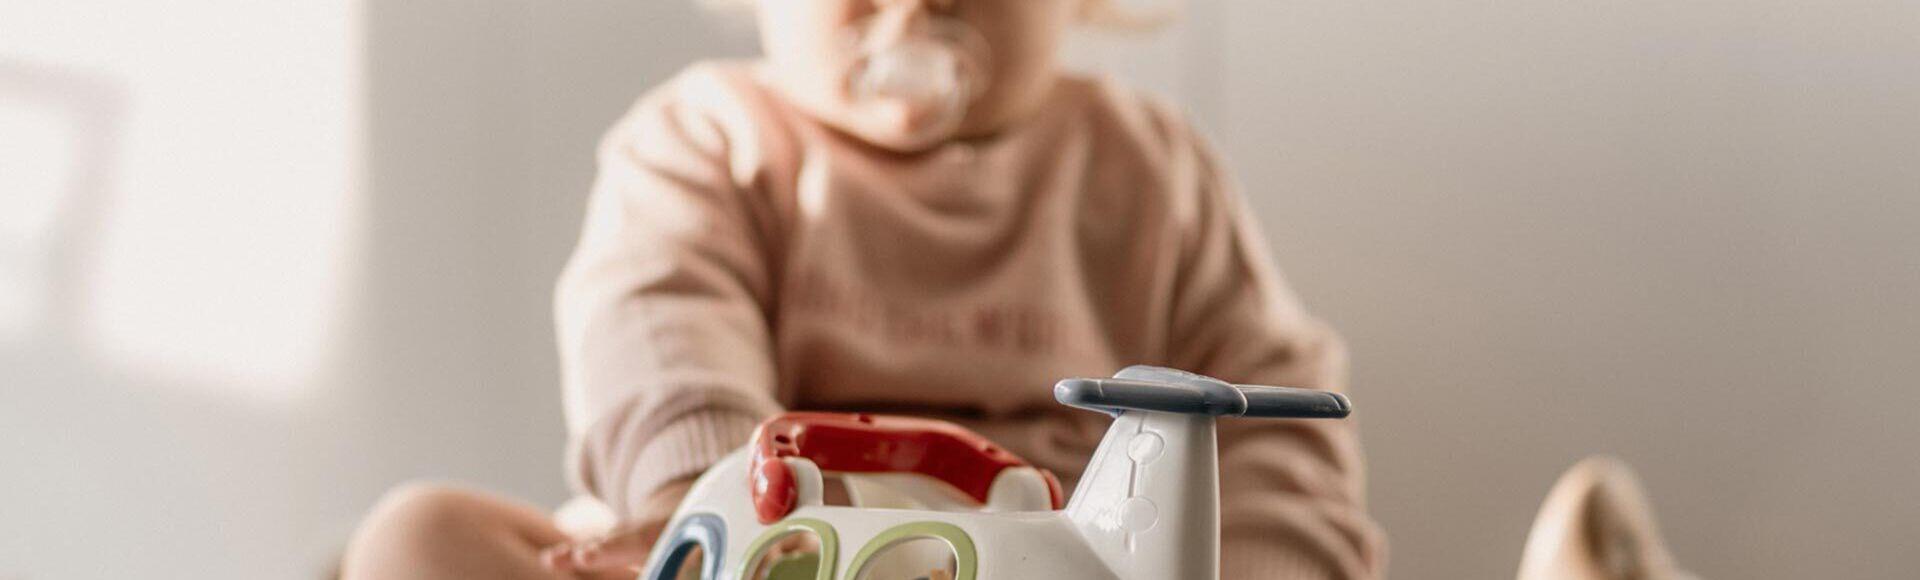 Desinfectar los juegues del bebé